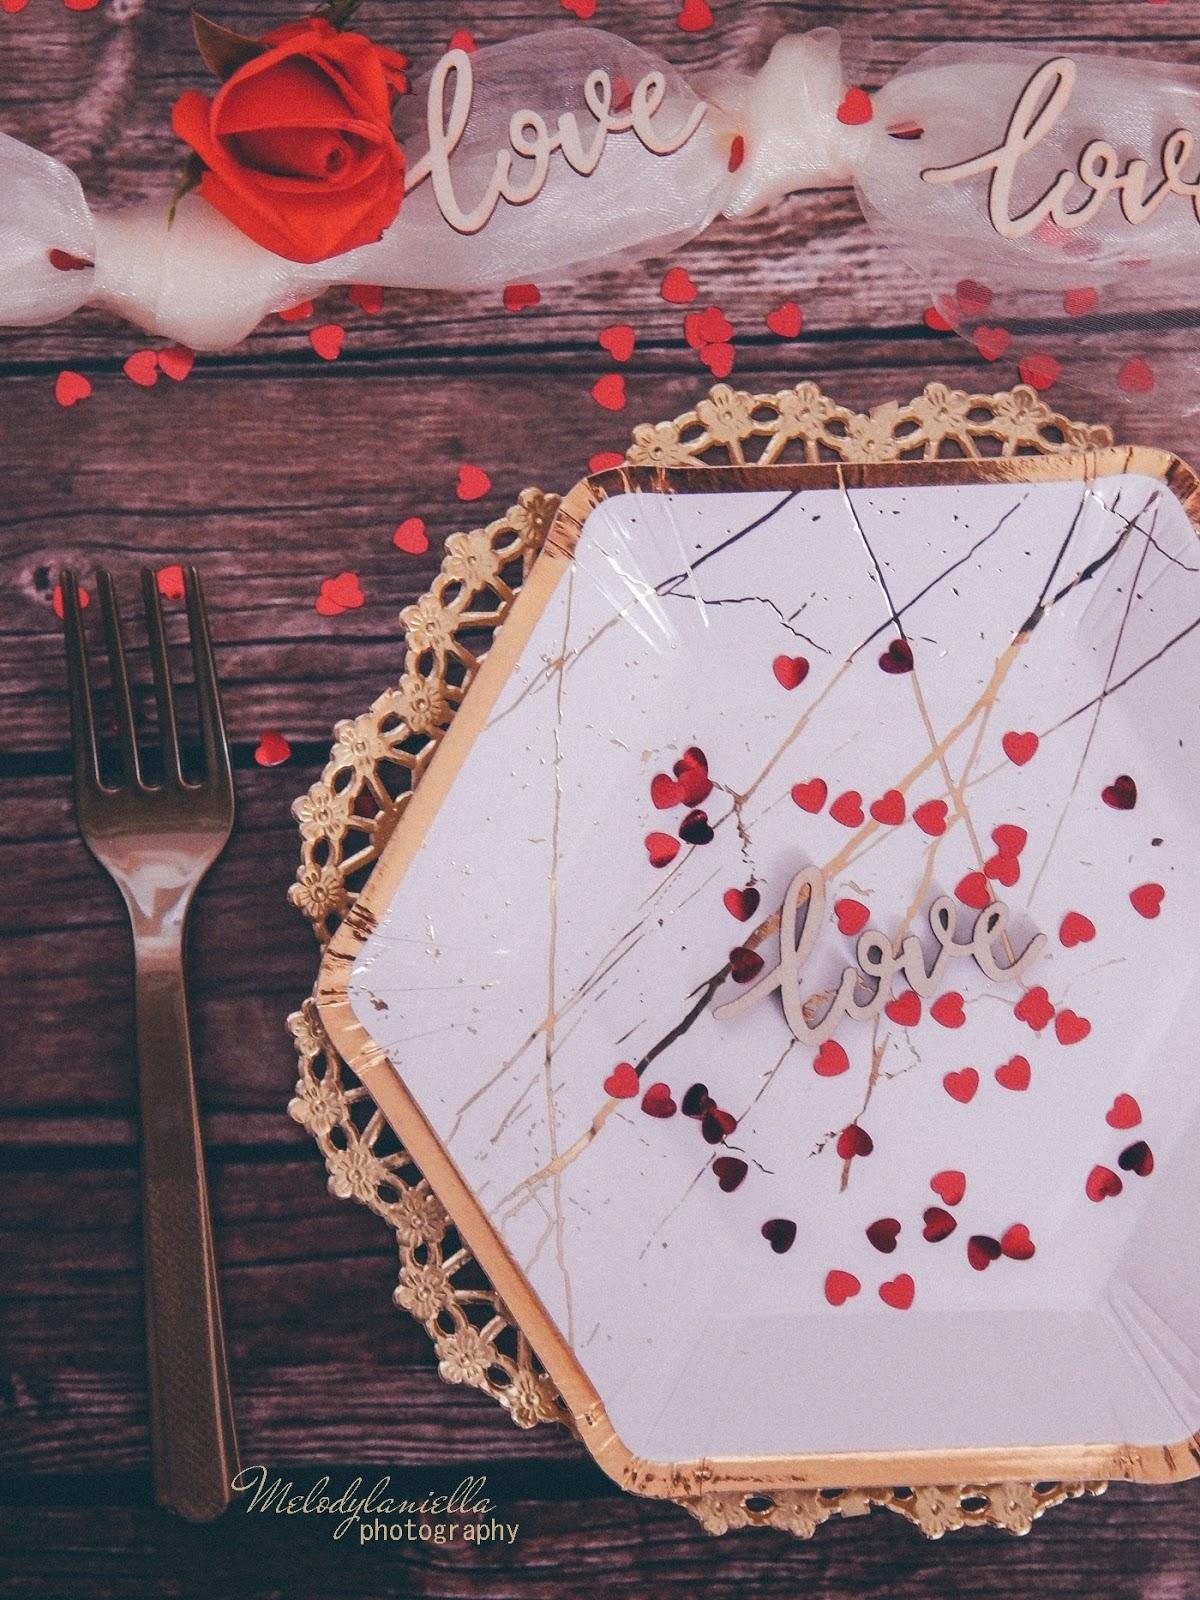 9 partybox ozdobne talerze z efektem marmuru złote sztućce róże drewniane dodatki drewniane konfetti love napisy na ślub wesele rocznice zaręczyny tiul organza